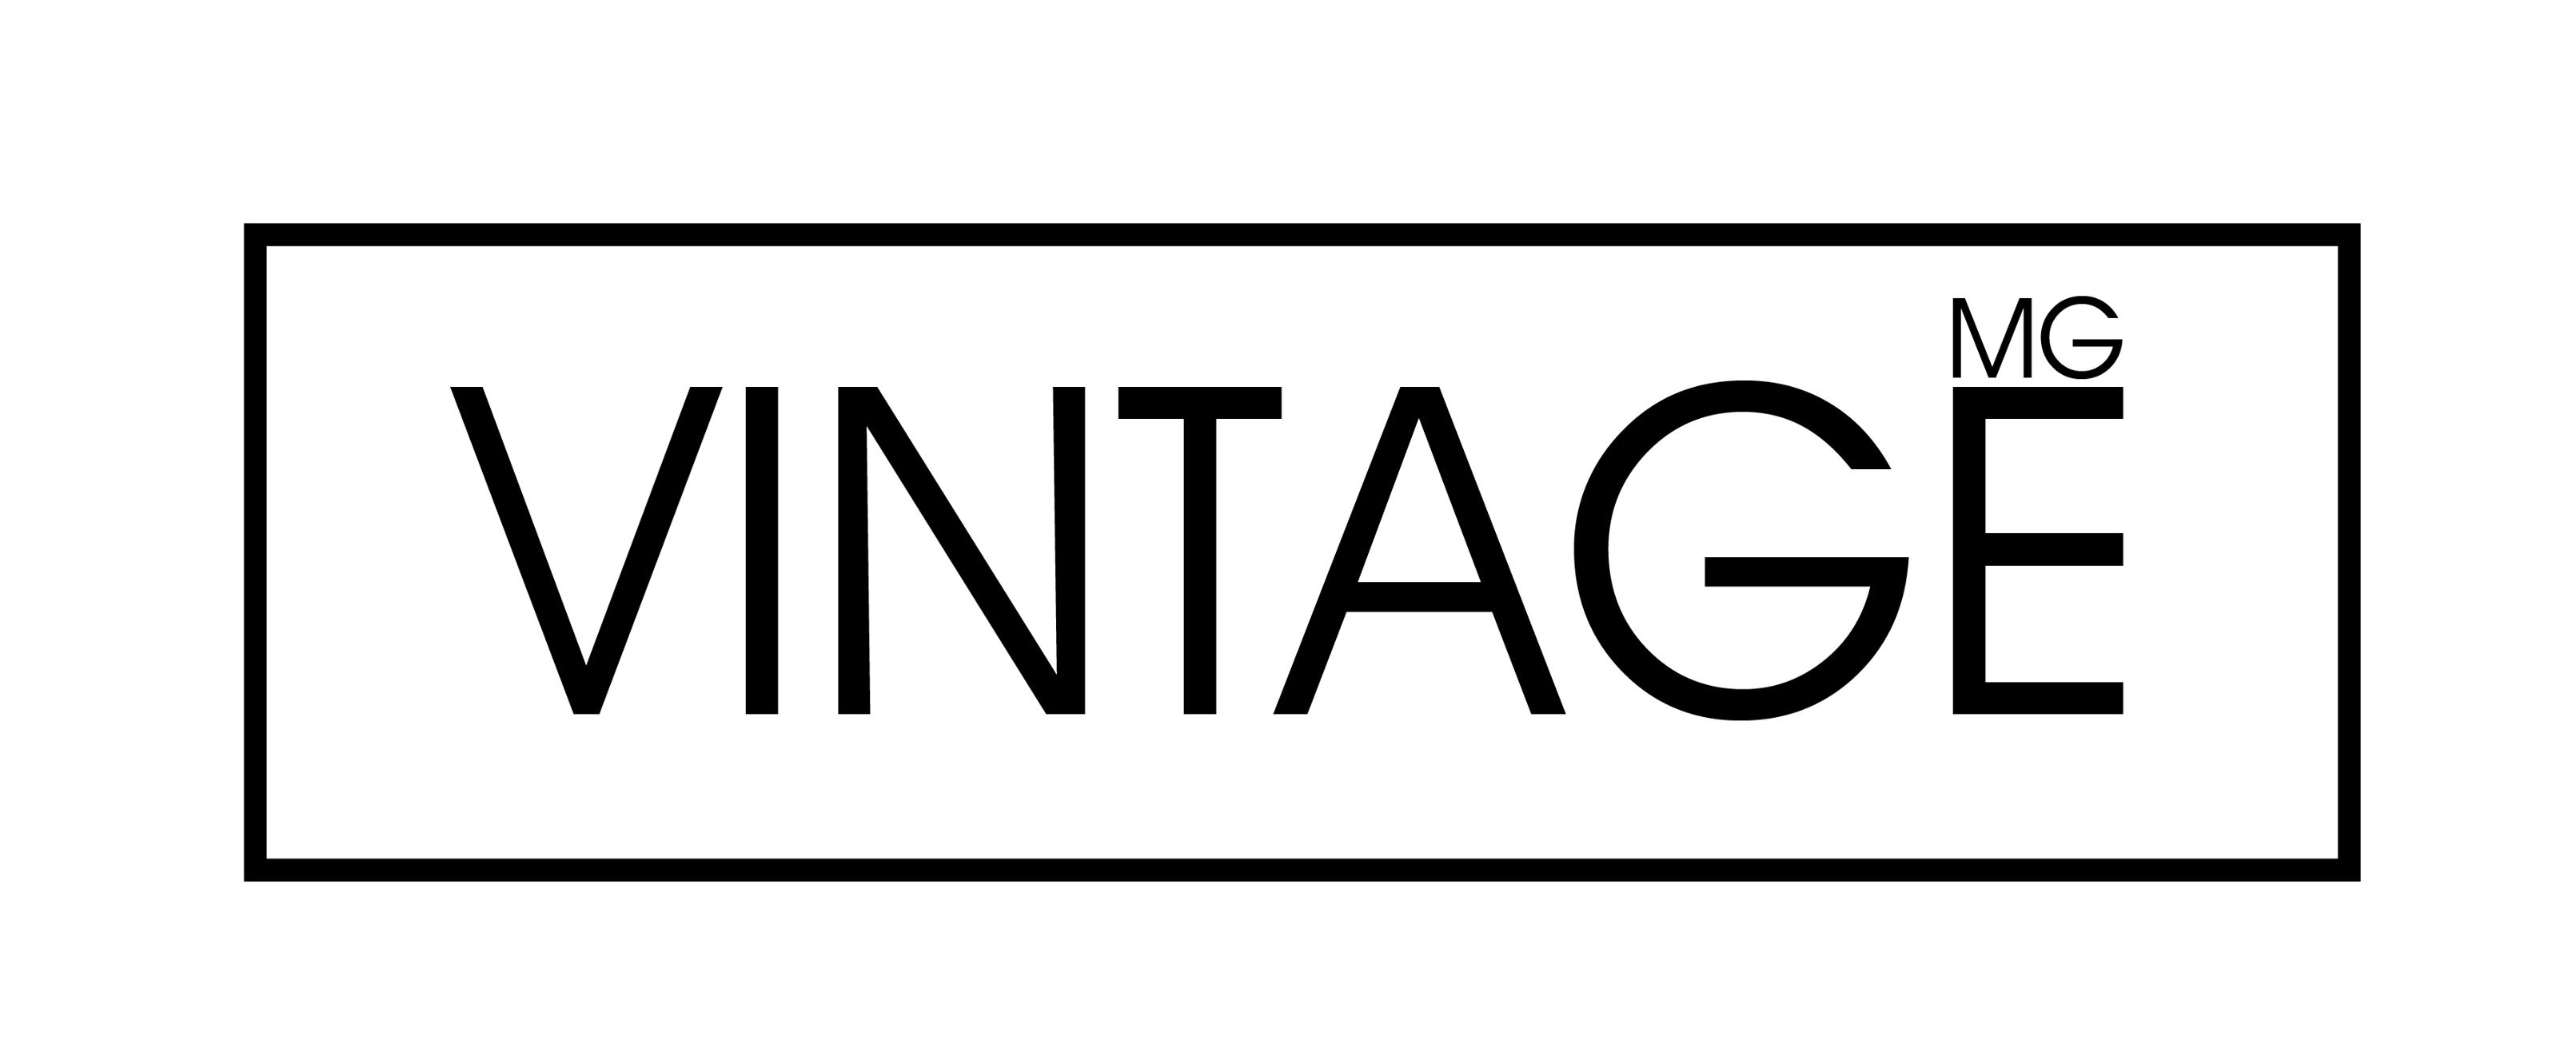 VintageMediaGroup